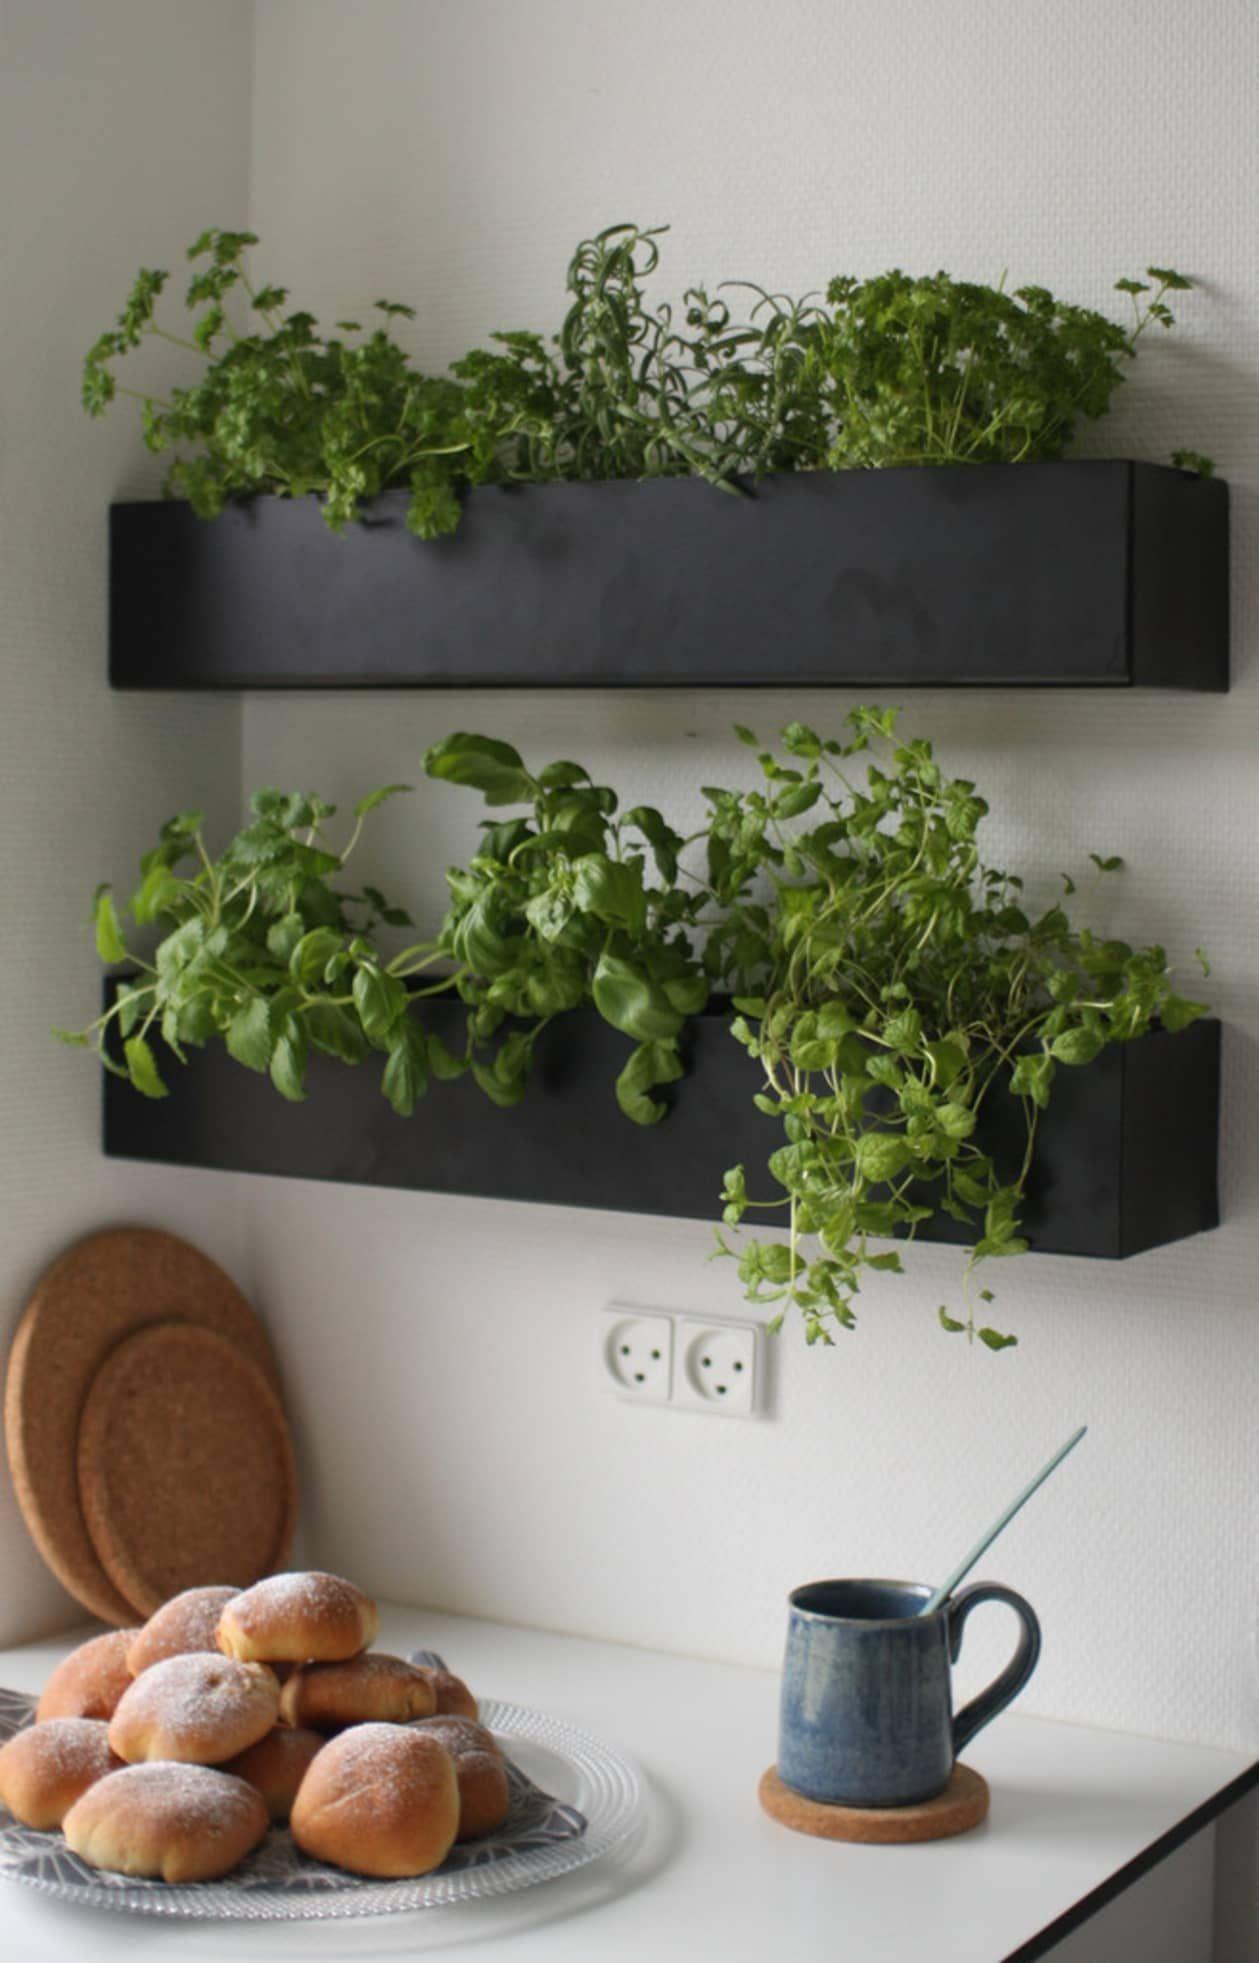 Indoor Herb Garden Diy Ideas In 2020 Herb Garden In Kitchen Wall Garden Indoor Indoor Herb Garden Diy